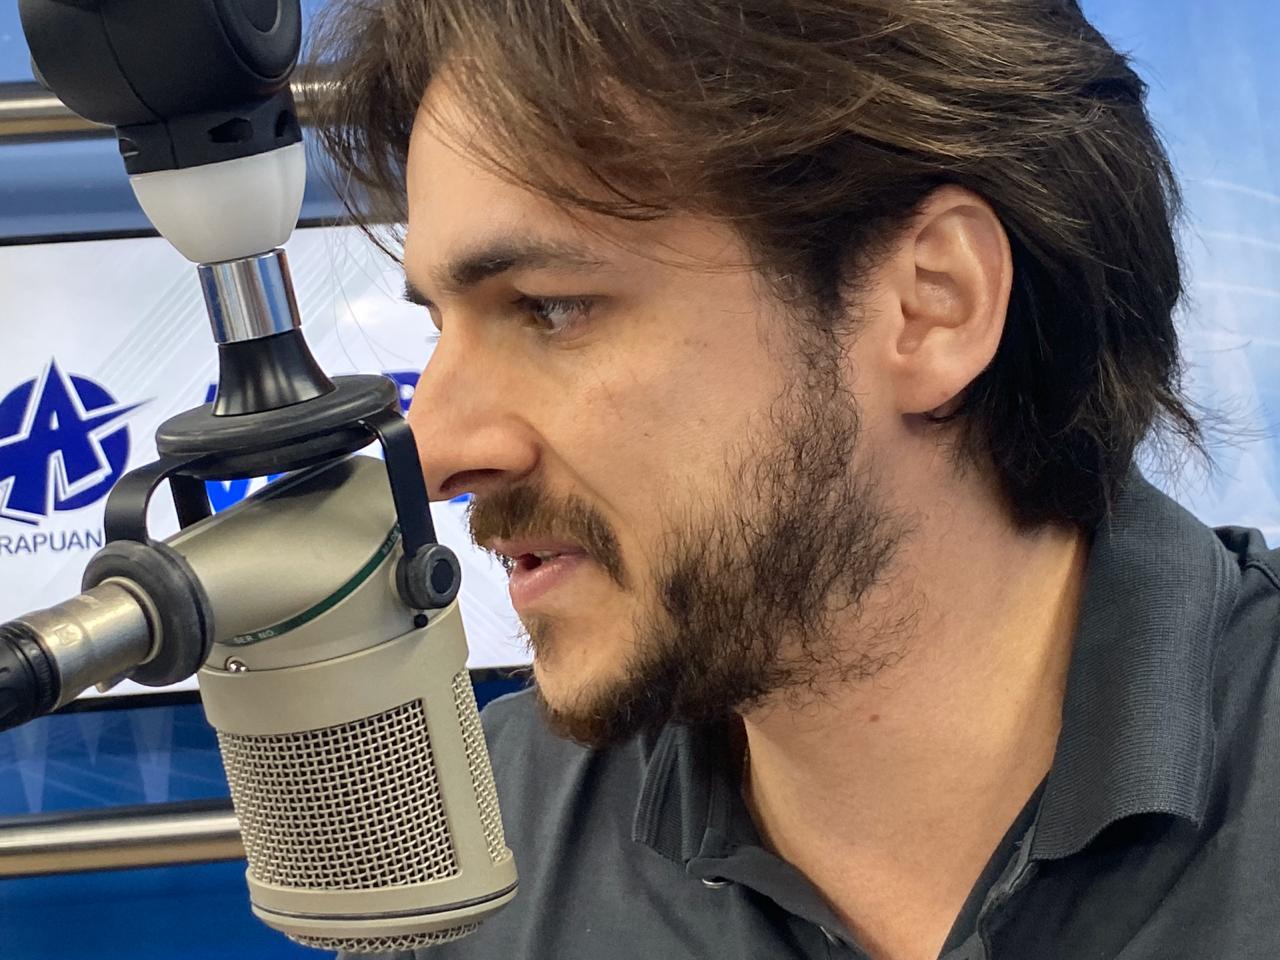 WhatsApp Image 2019 10 14 at 13.15.52 - 'JAMAIS DEFENDEREI TORTURA': Pedro Cunha Lima diz motivo de não poder apoiar Bolsonaro - VEJA VÍDEO